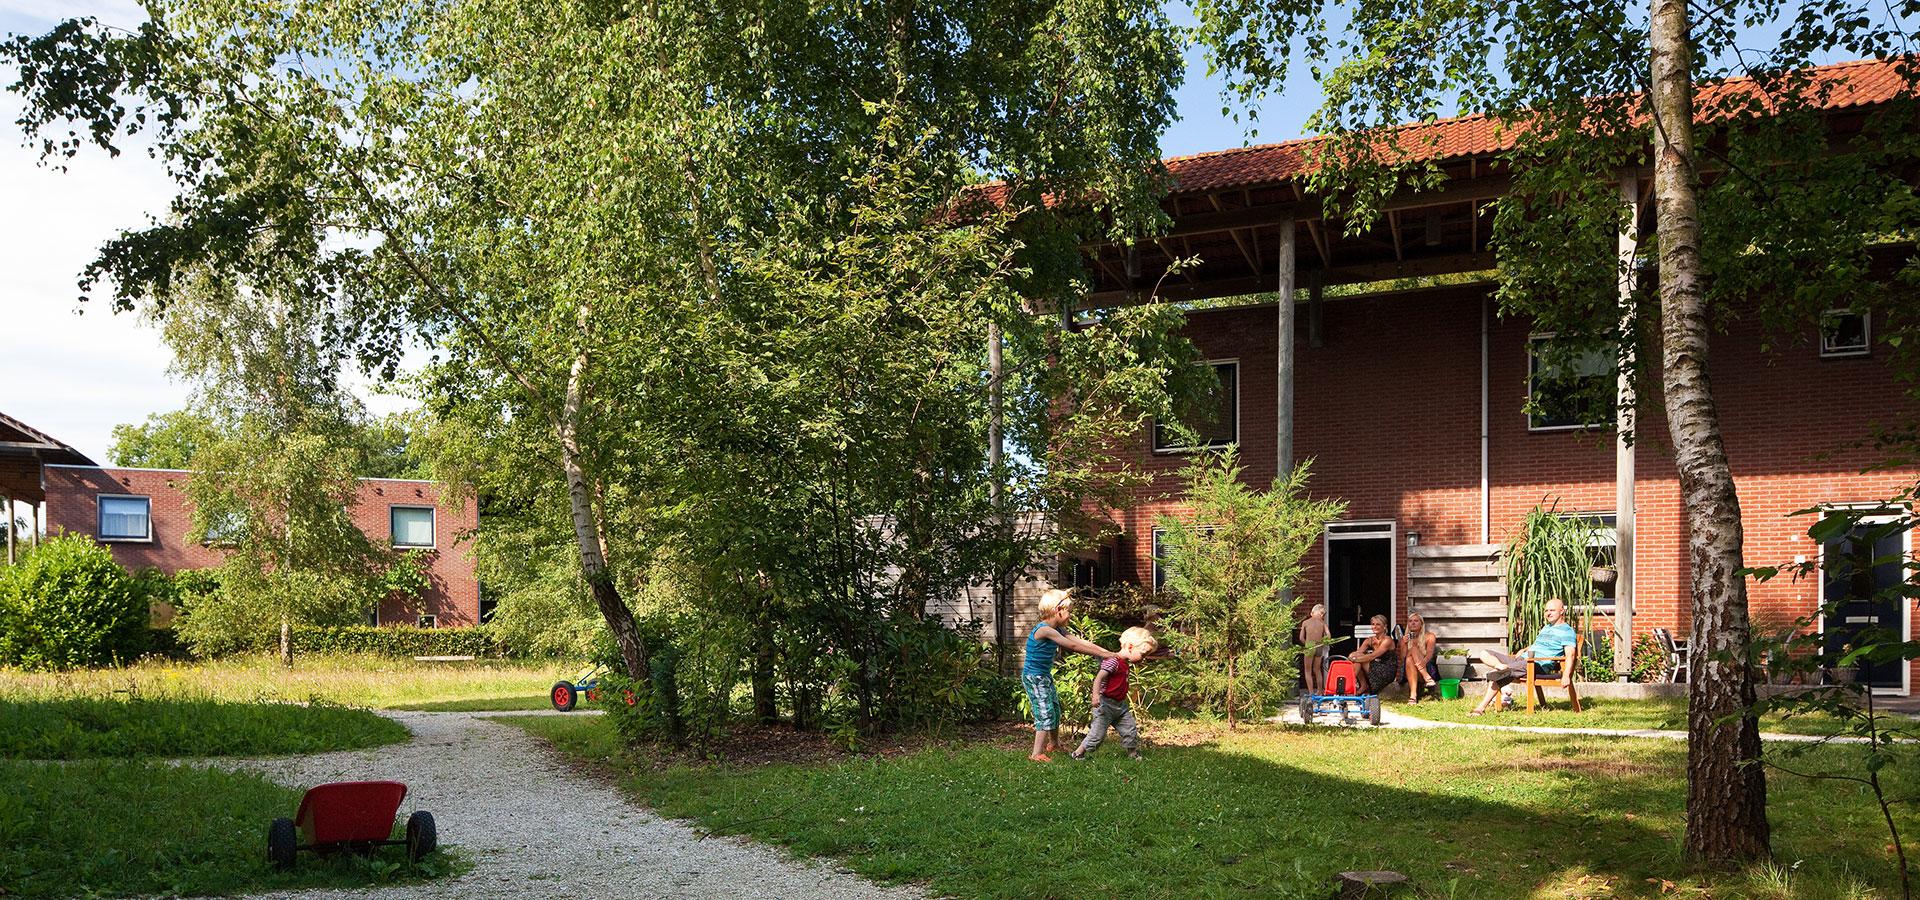 FARO architecten onderzoek landschappelijk wonen